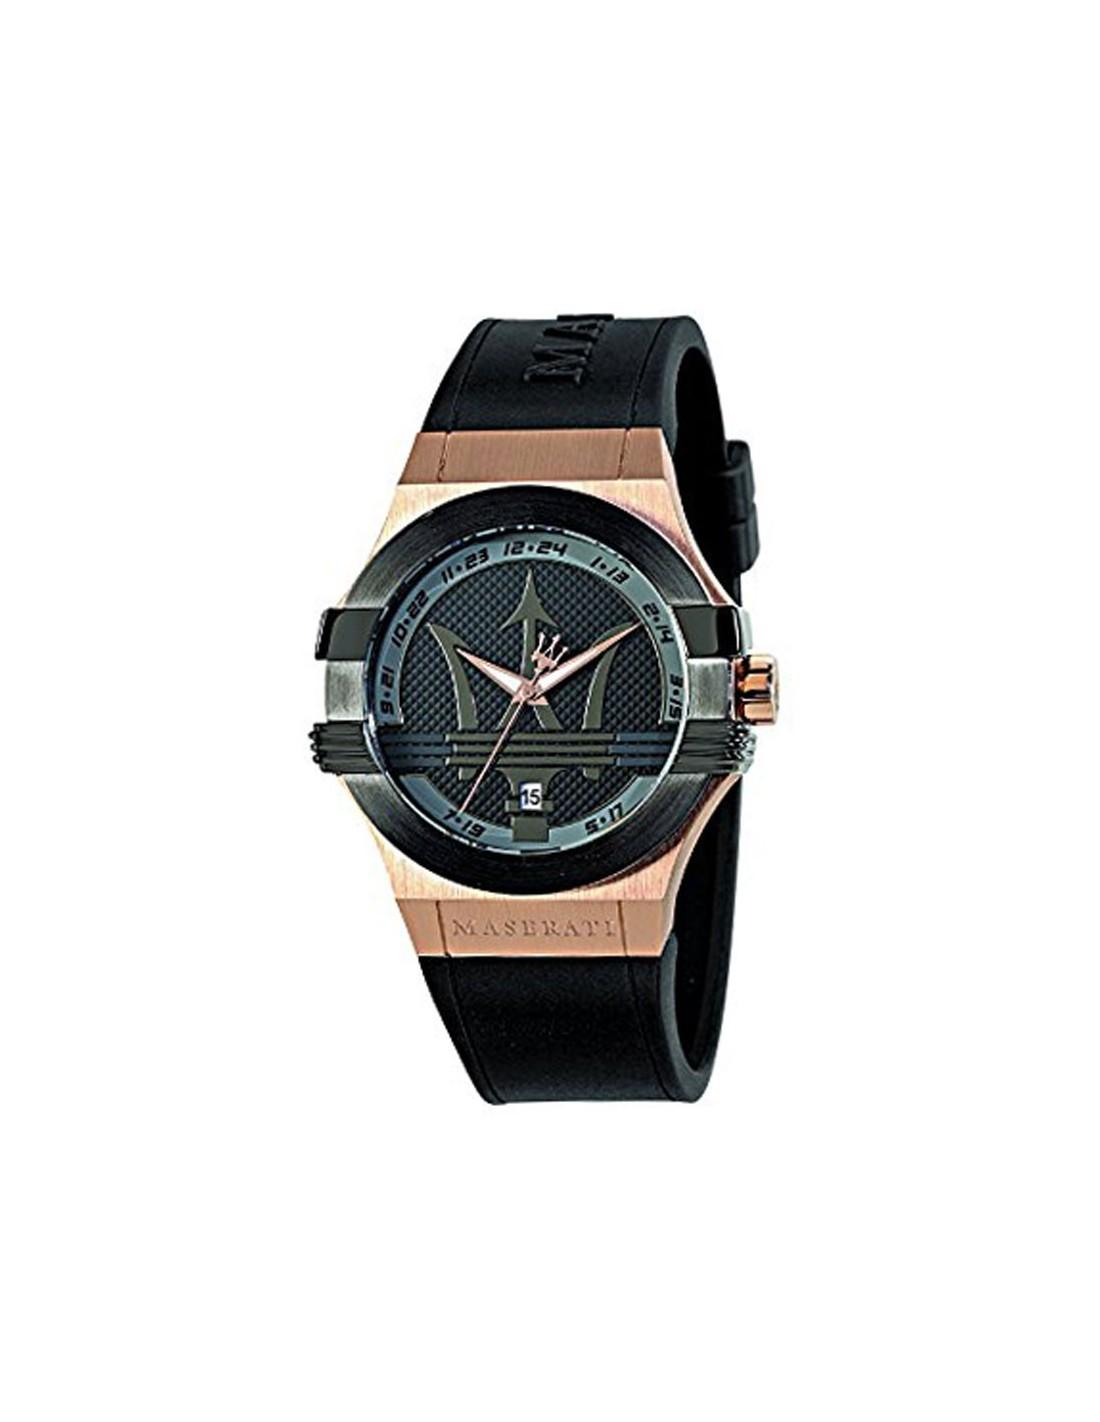 r8851108002 - nuevo reloj maserati potenza